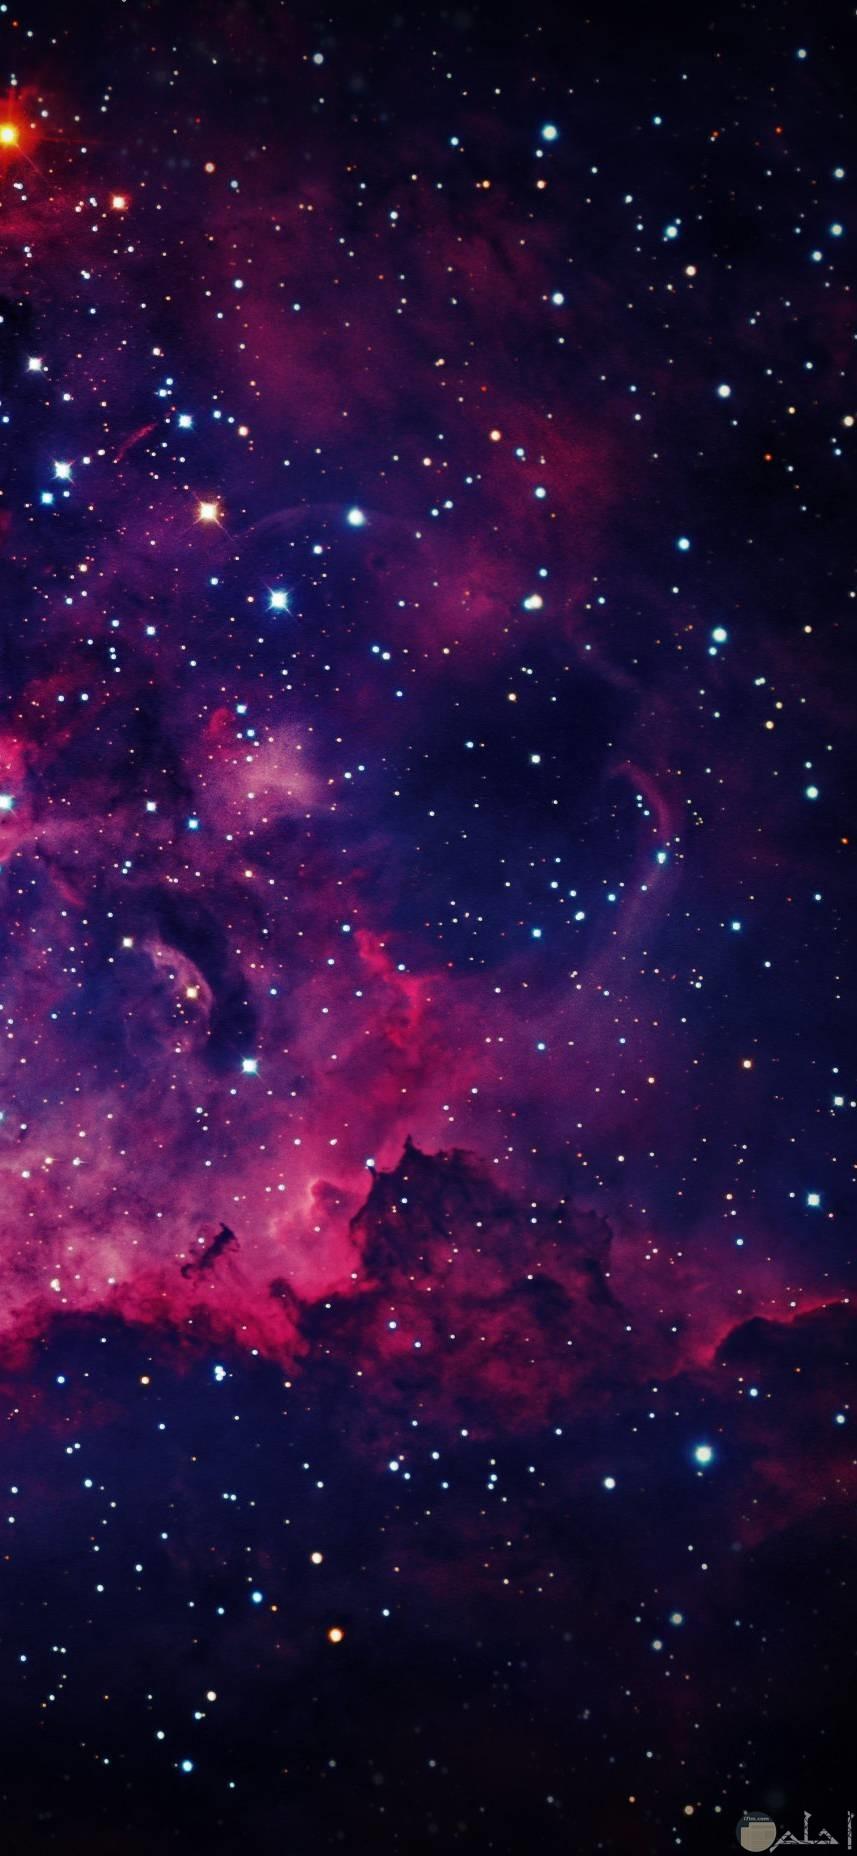 صور عميقة مميزة تظهر جمال النجوم